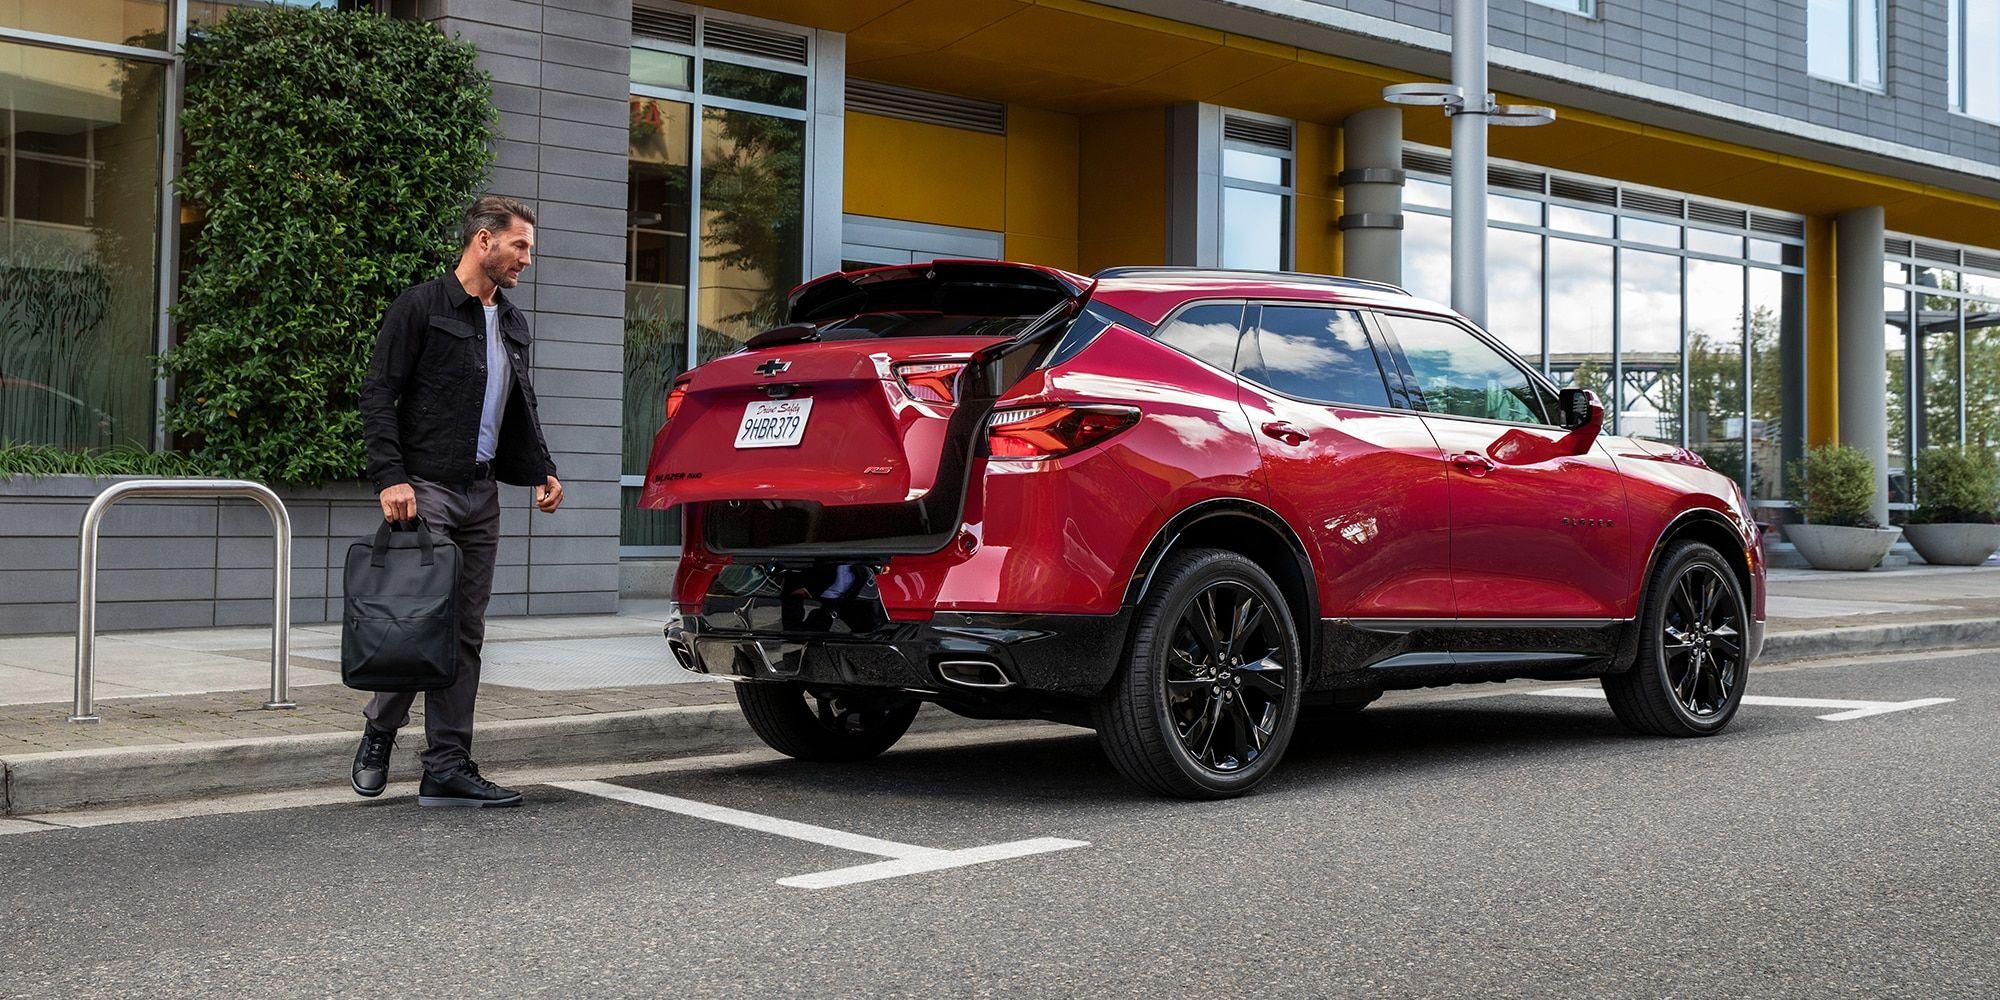 2021 Chevrolet Silverado 1500 Exterior Colors